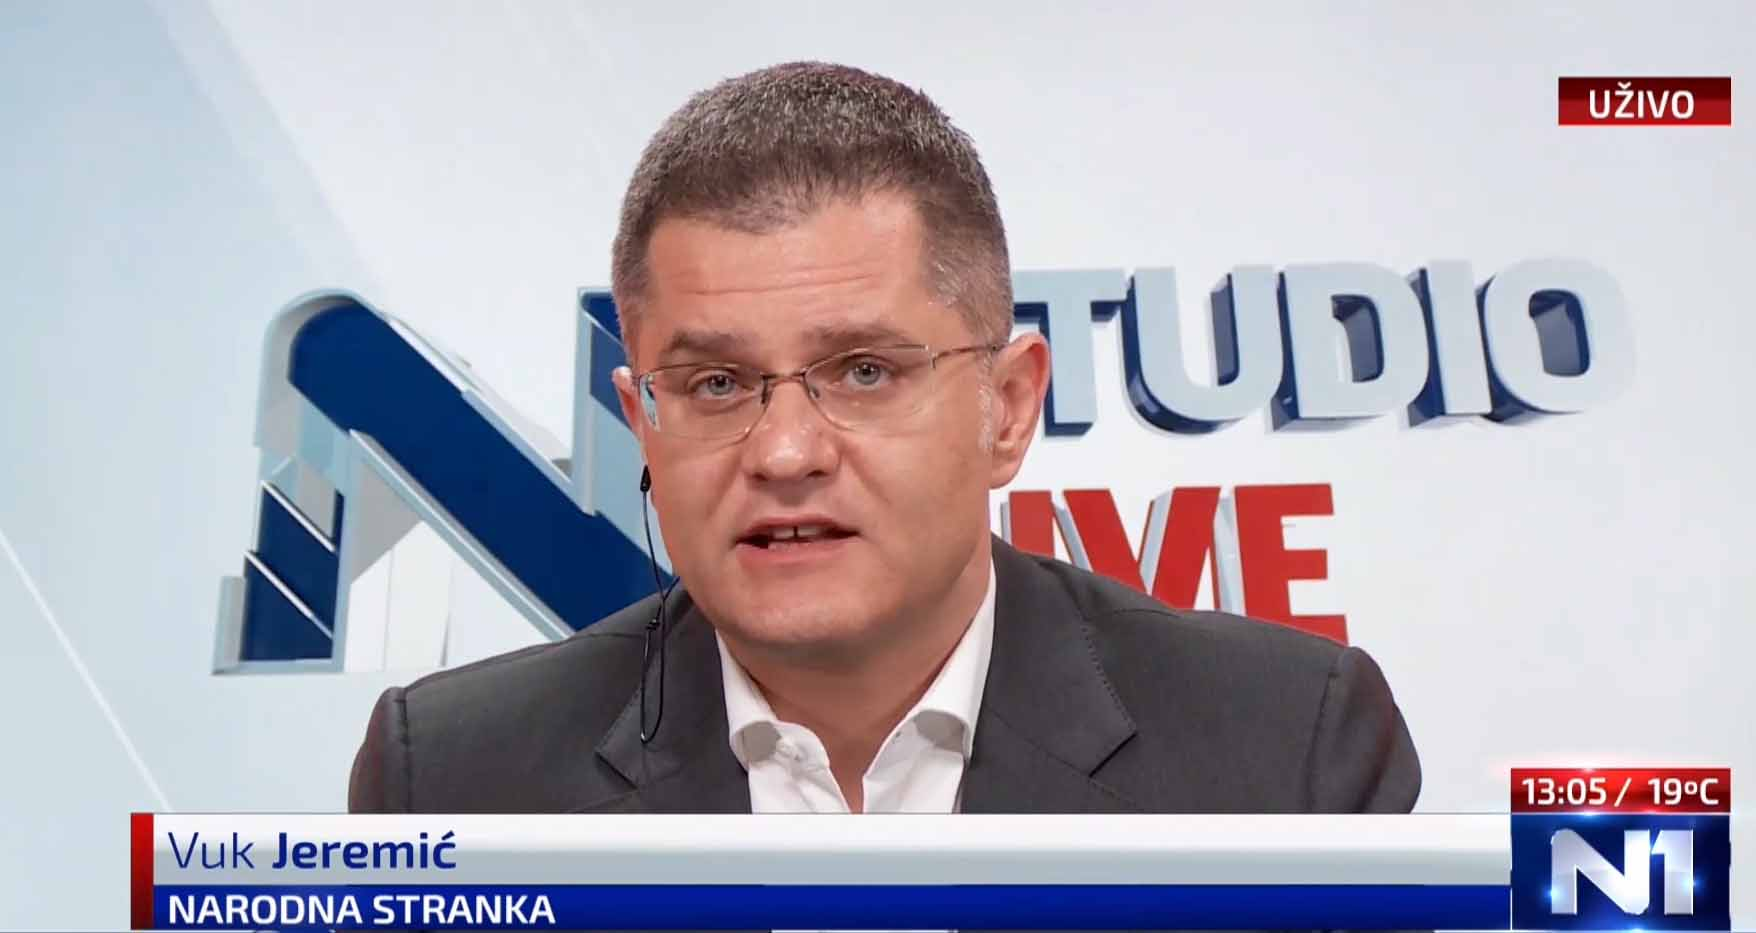 Јеремић: За жаљење је одлука Хрватске да свој државни идентитет гради на злочину